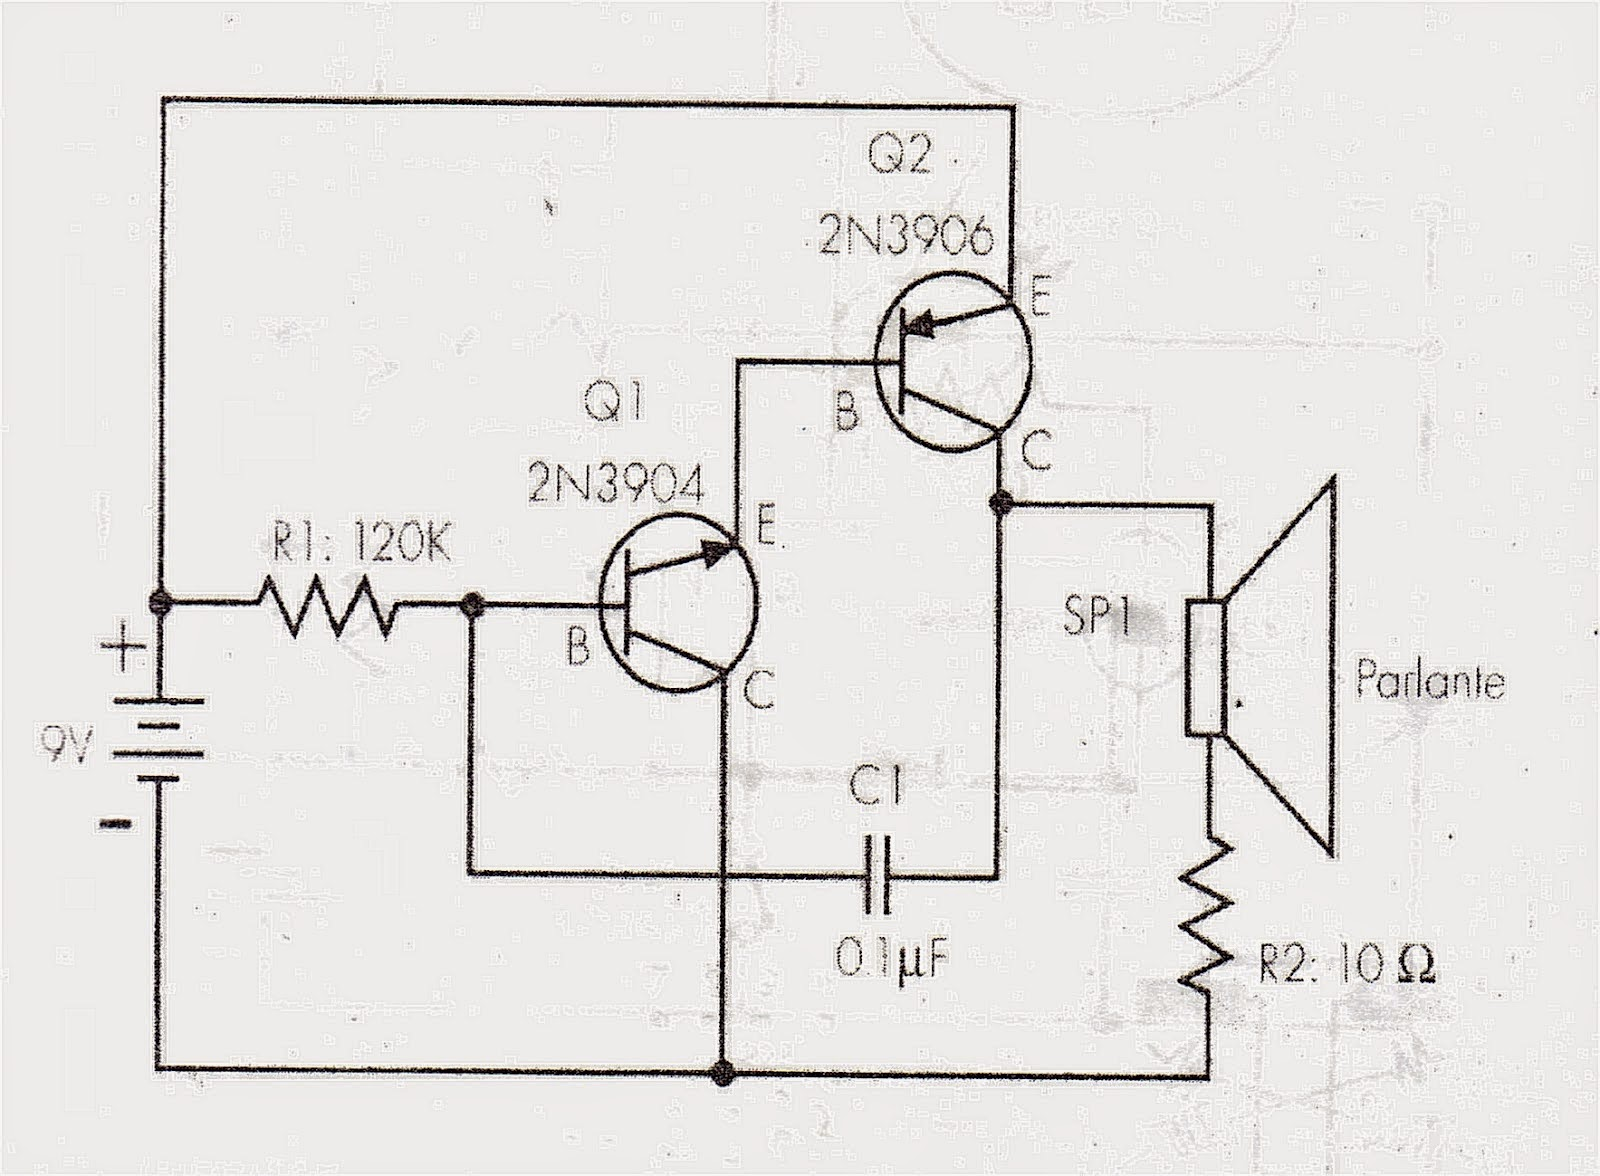 Circuito Oscilador : Solucionado oscilador con npn y pnp duda sobre el diagrama